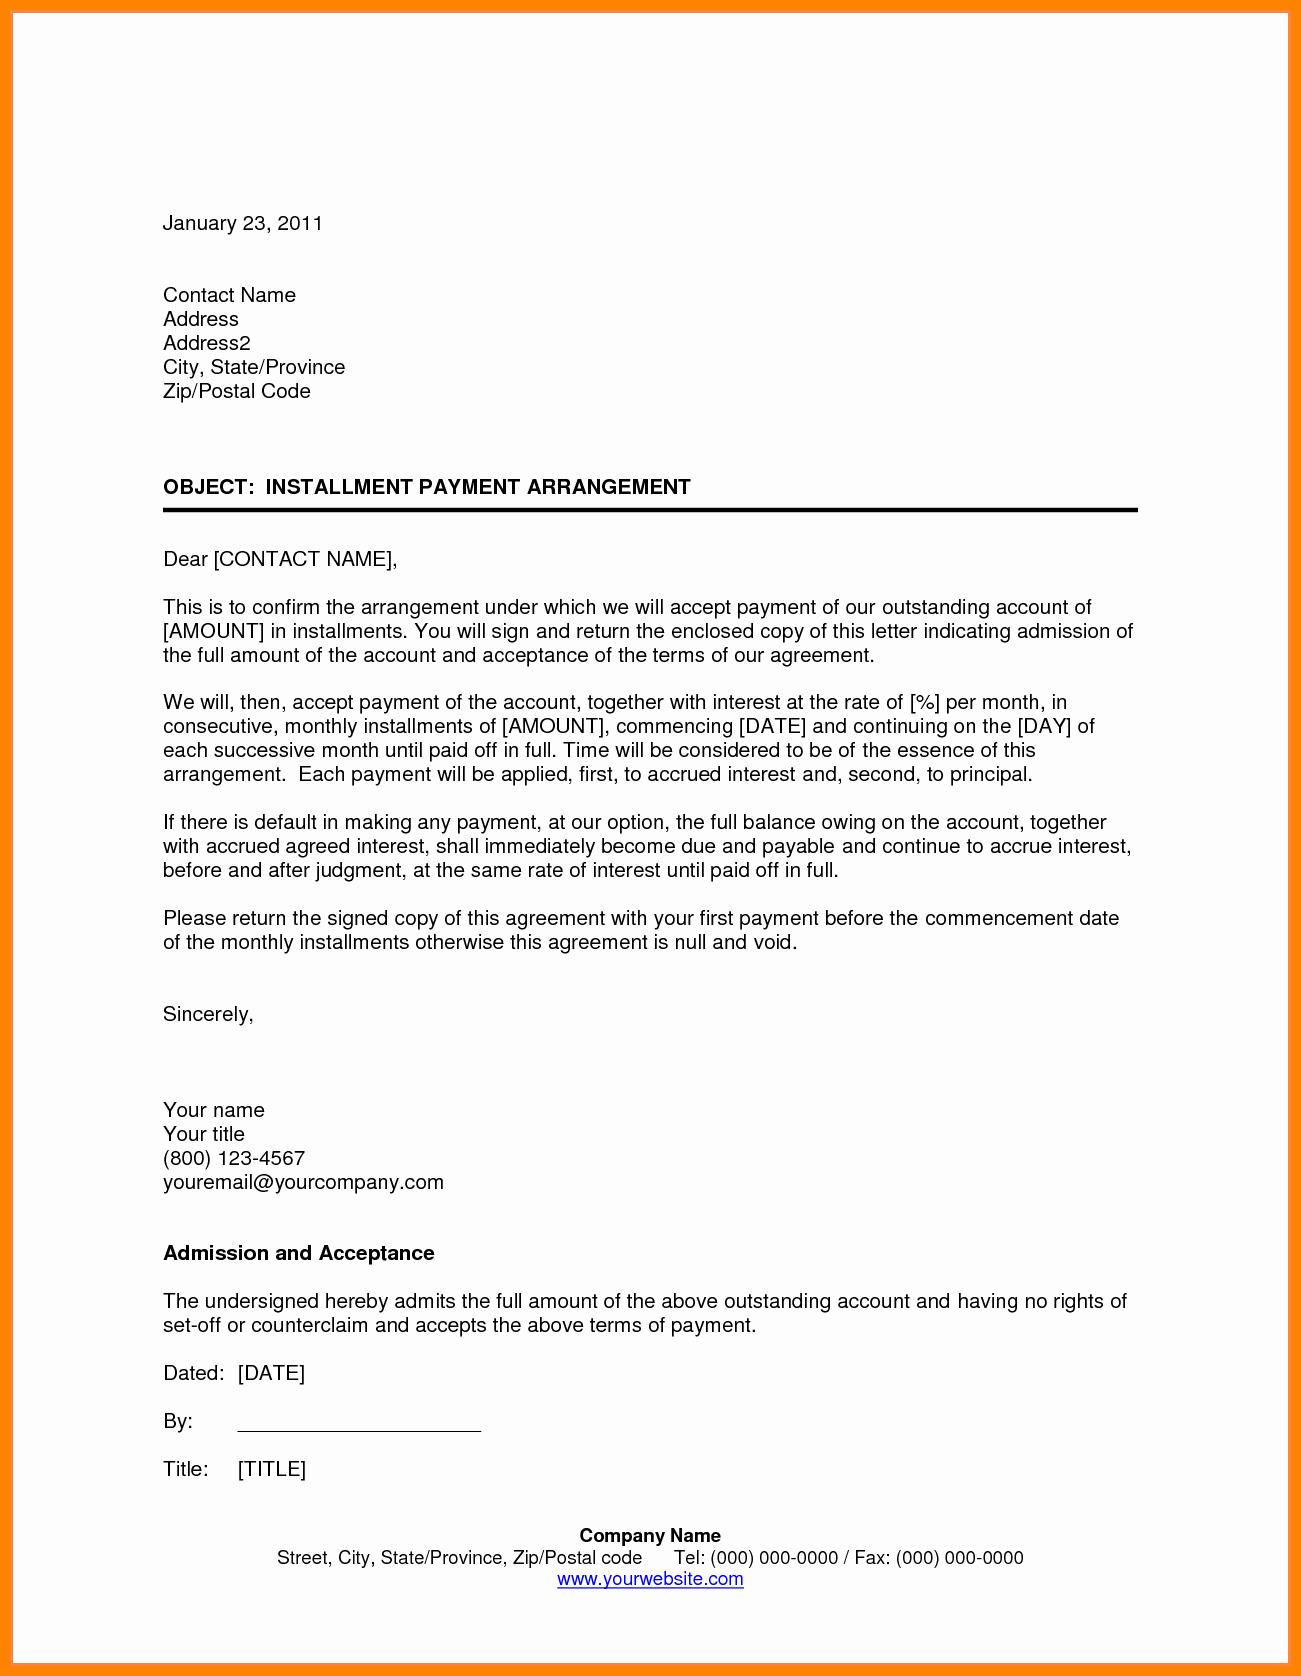 Installment Payment Agreement Template Unique 9 Installment Payment Agreement